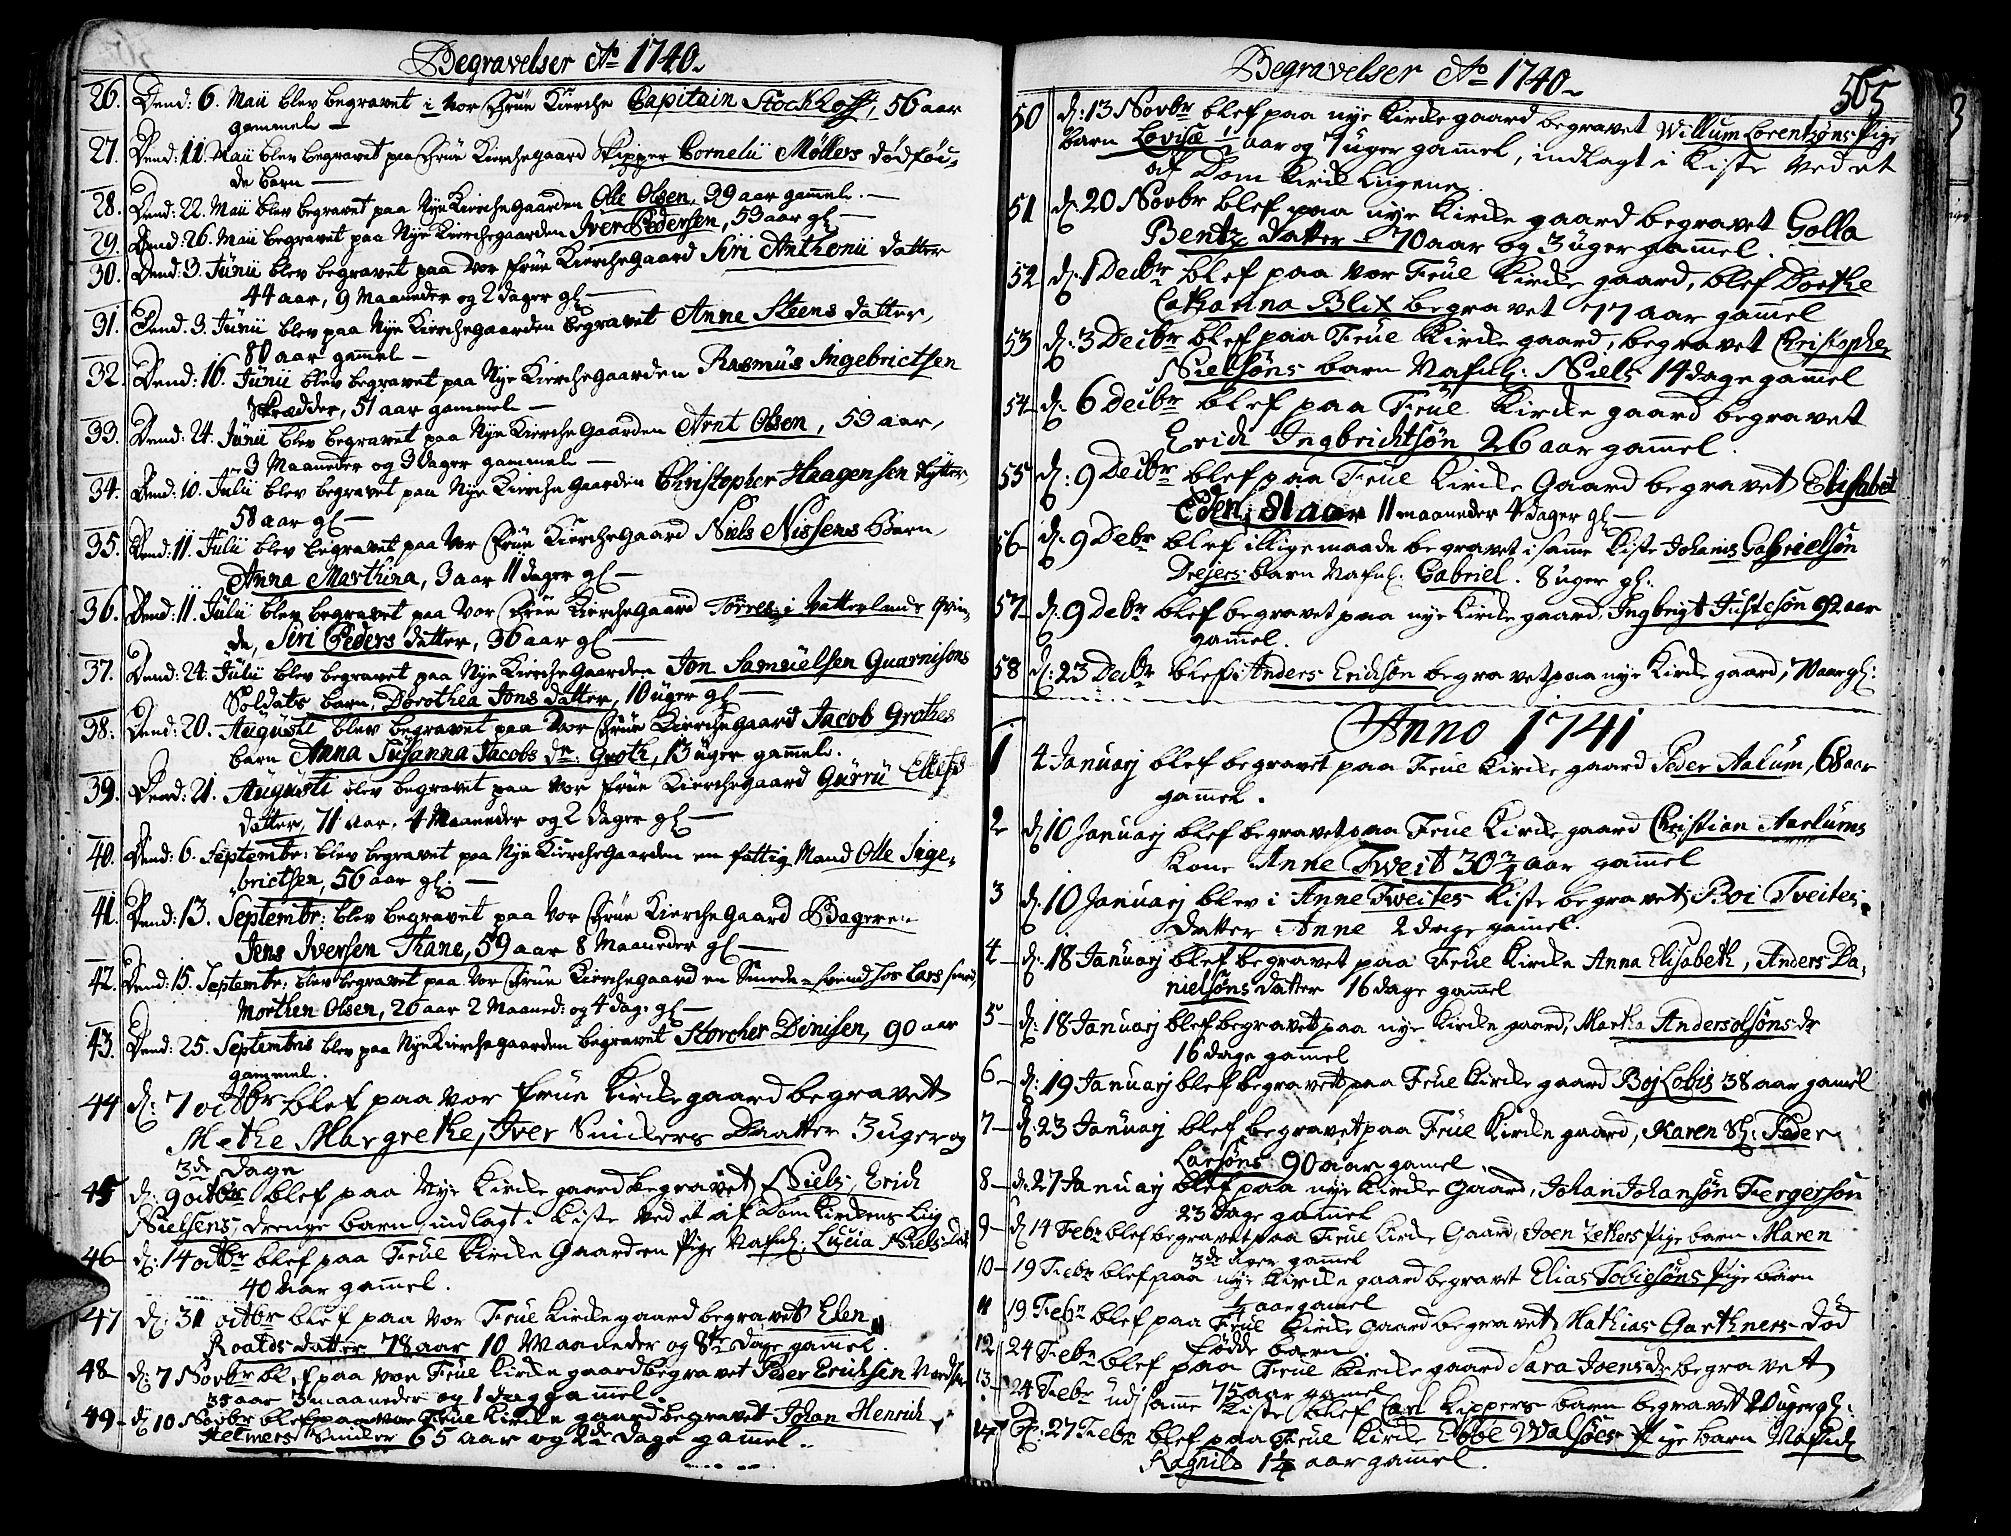 SAT, Ministerialprotokoller, klokkerbøker og fødselsregistre - Sør-Trøndelag, 602/L0103: Ministerialbok nr. 602A01, 1732-1774, s. 565